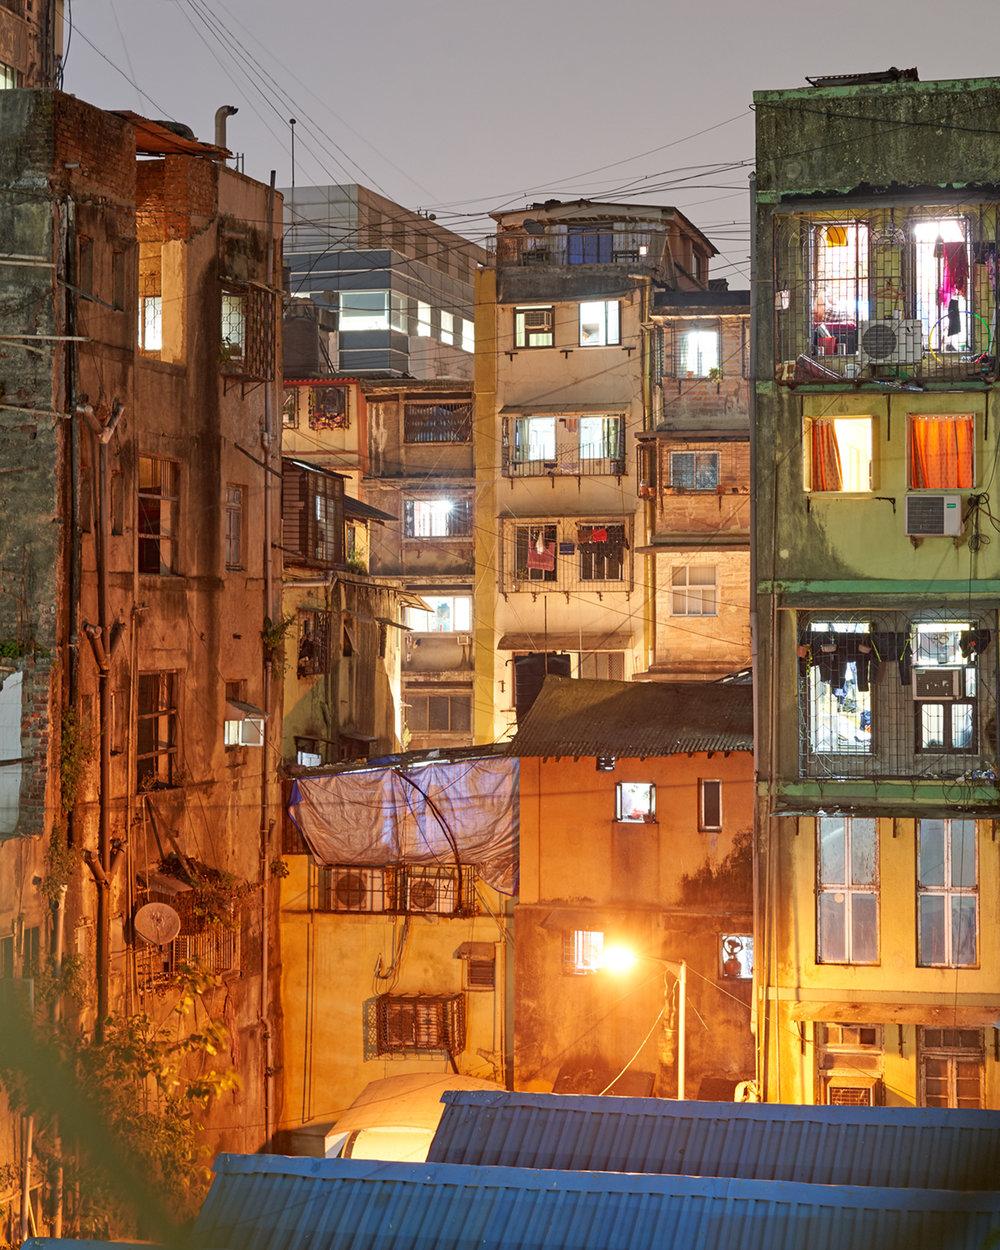 Mumbai #2